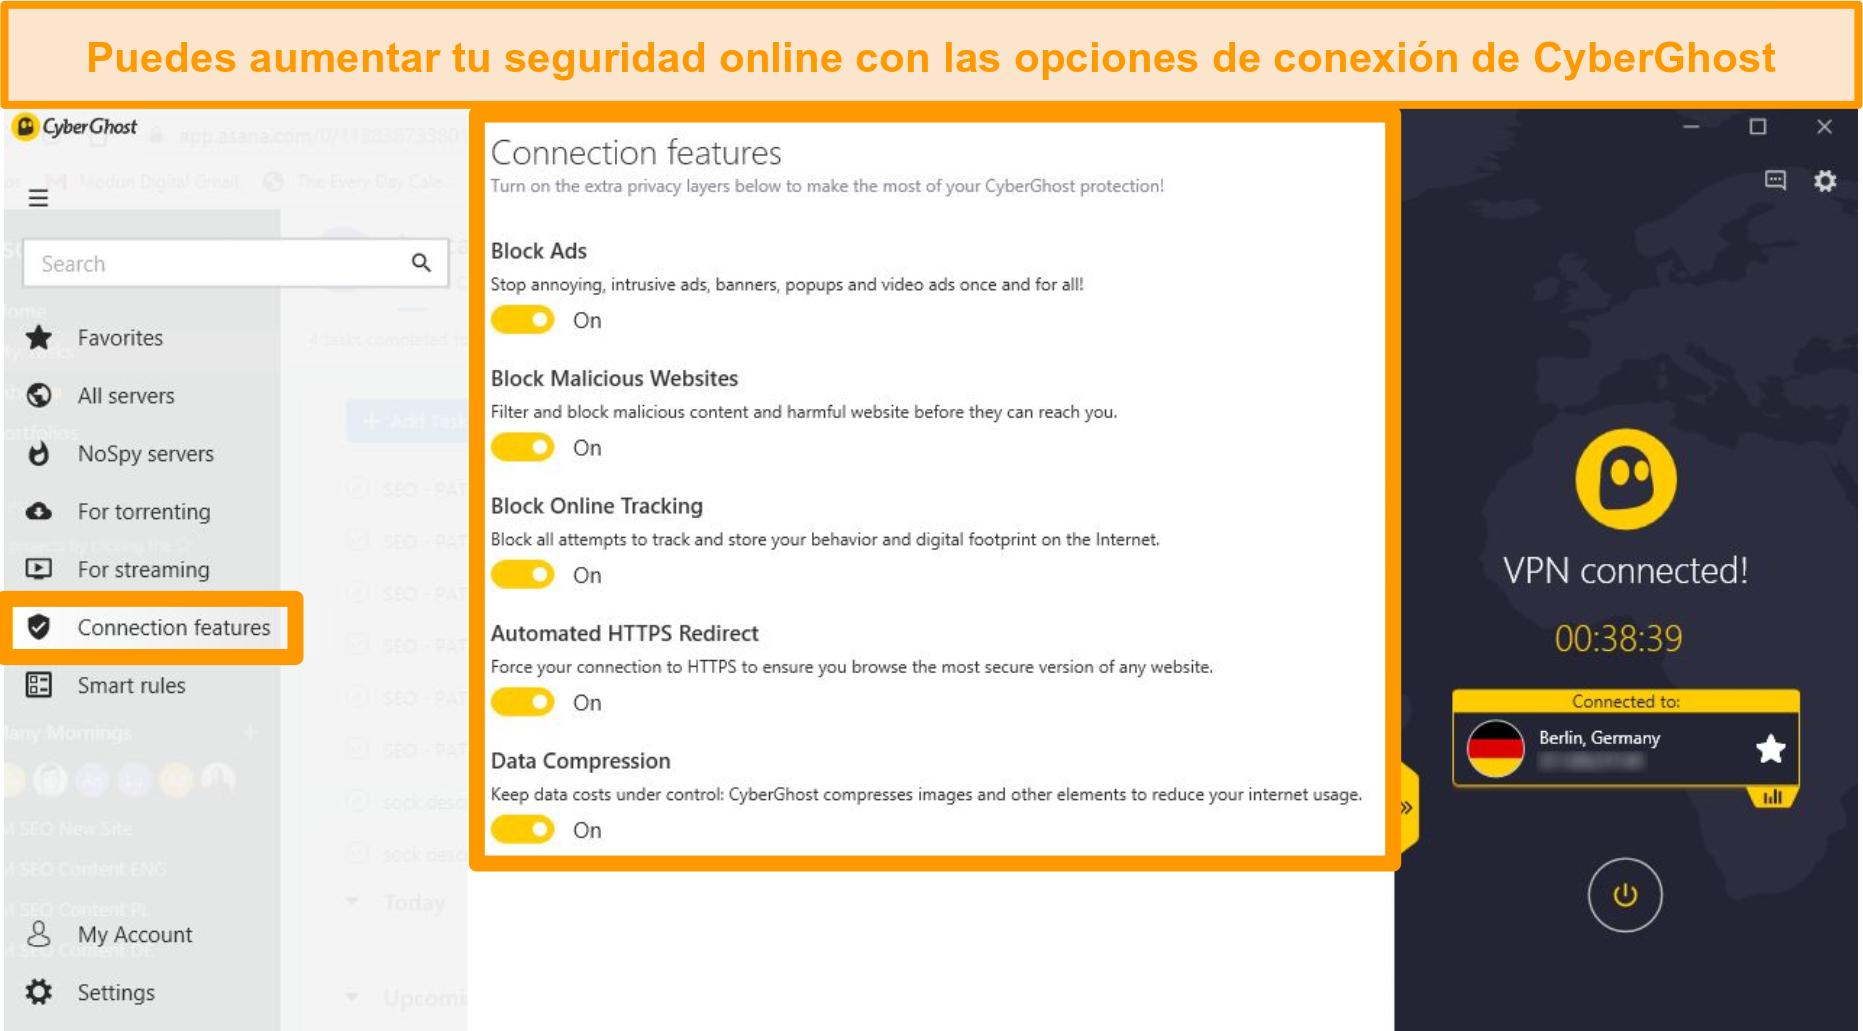 Captura de pantalla de las funciones de conexión de CyberGhost para mejorar la seguridad en línea